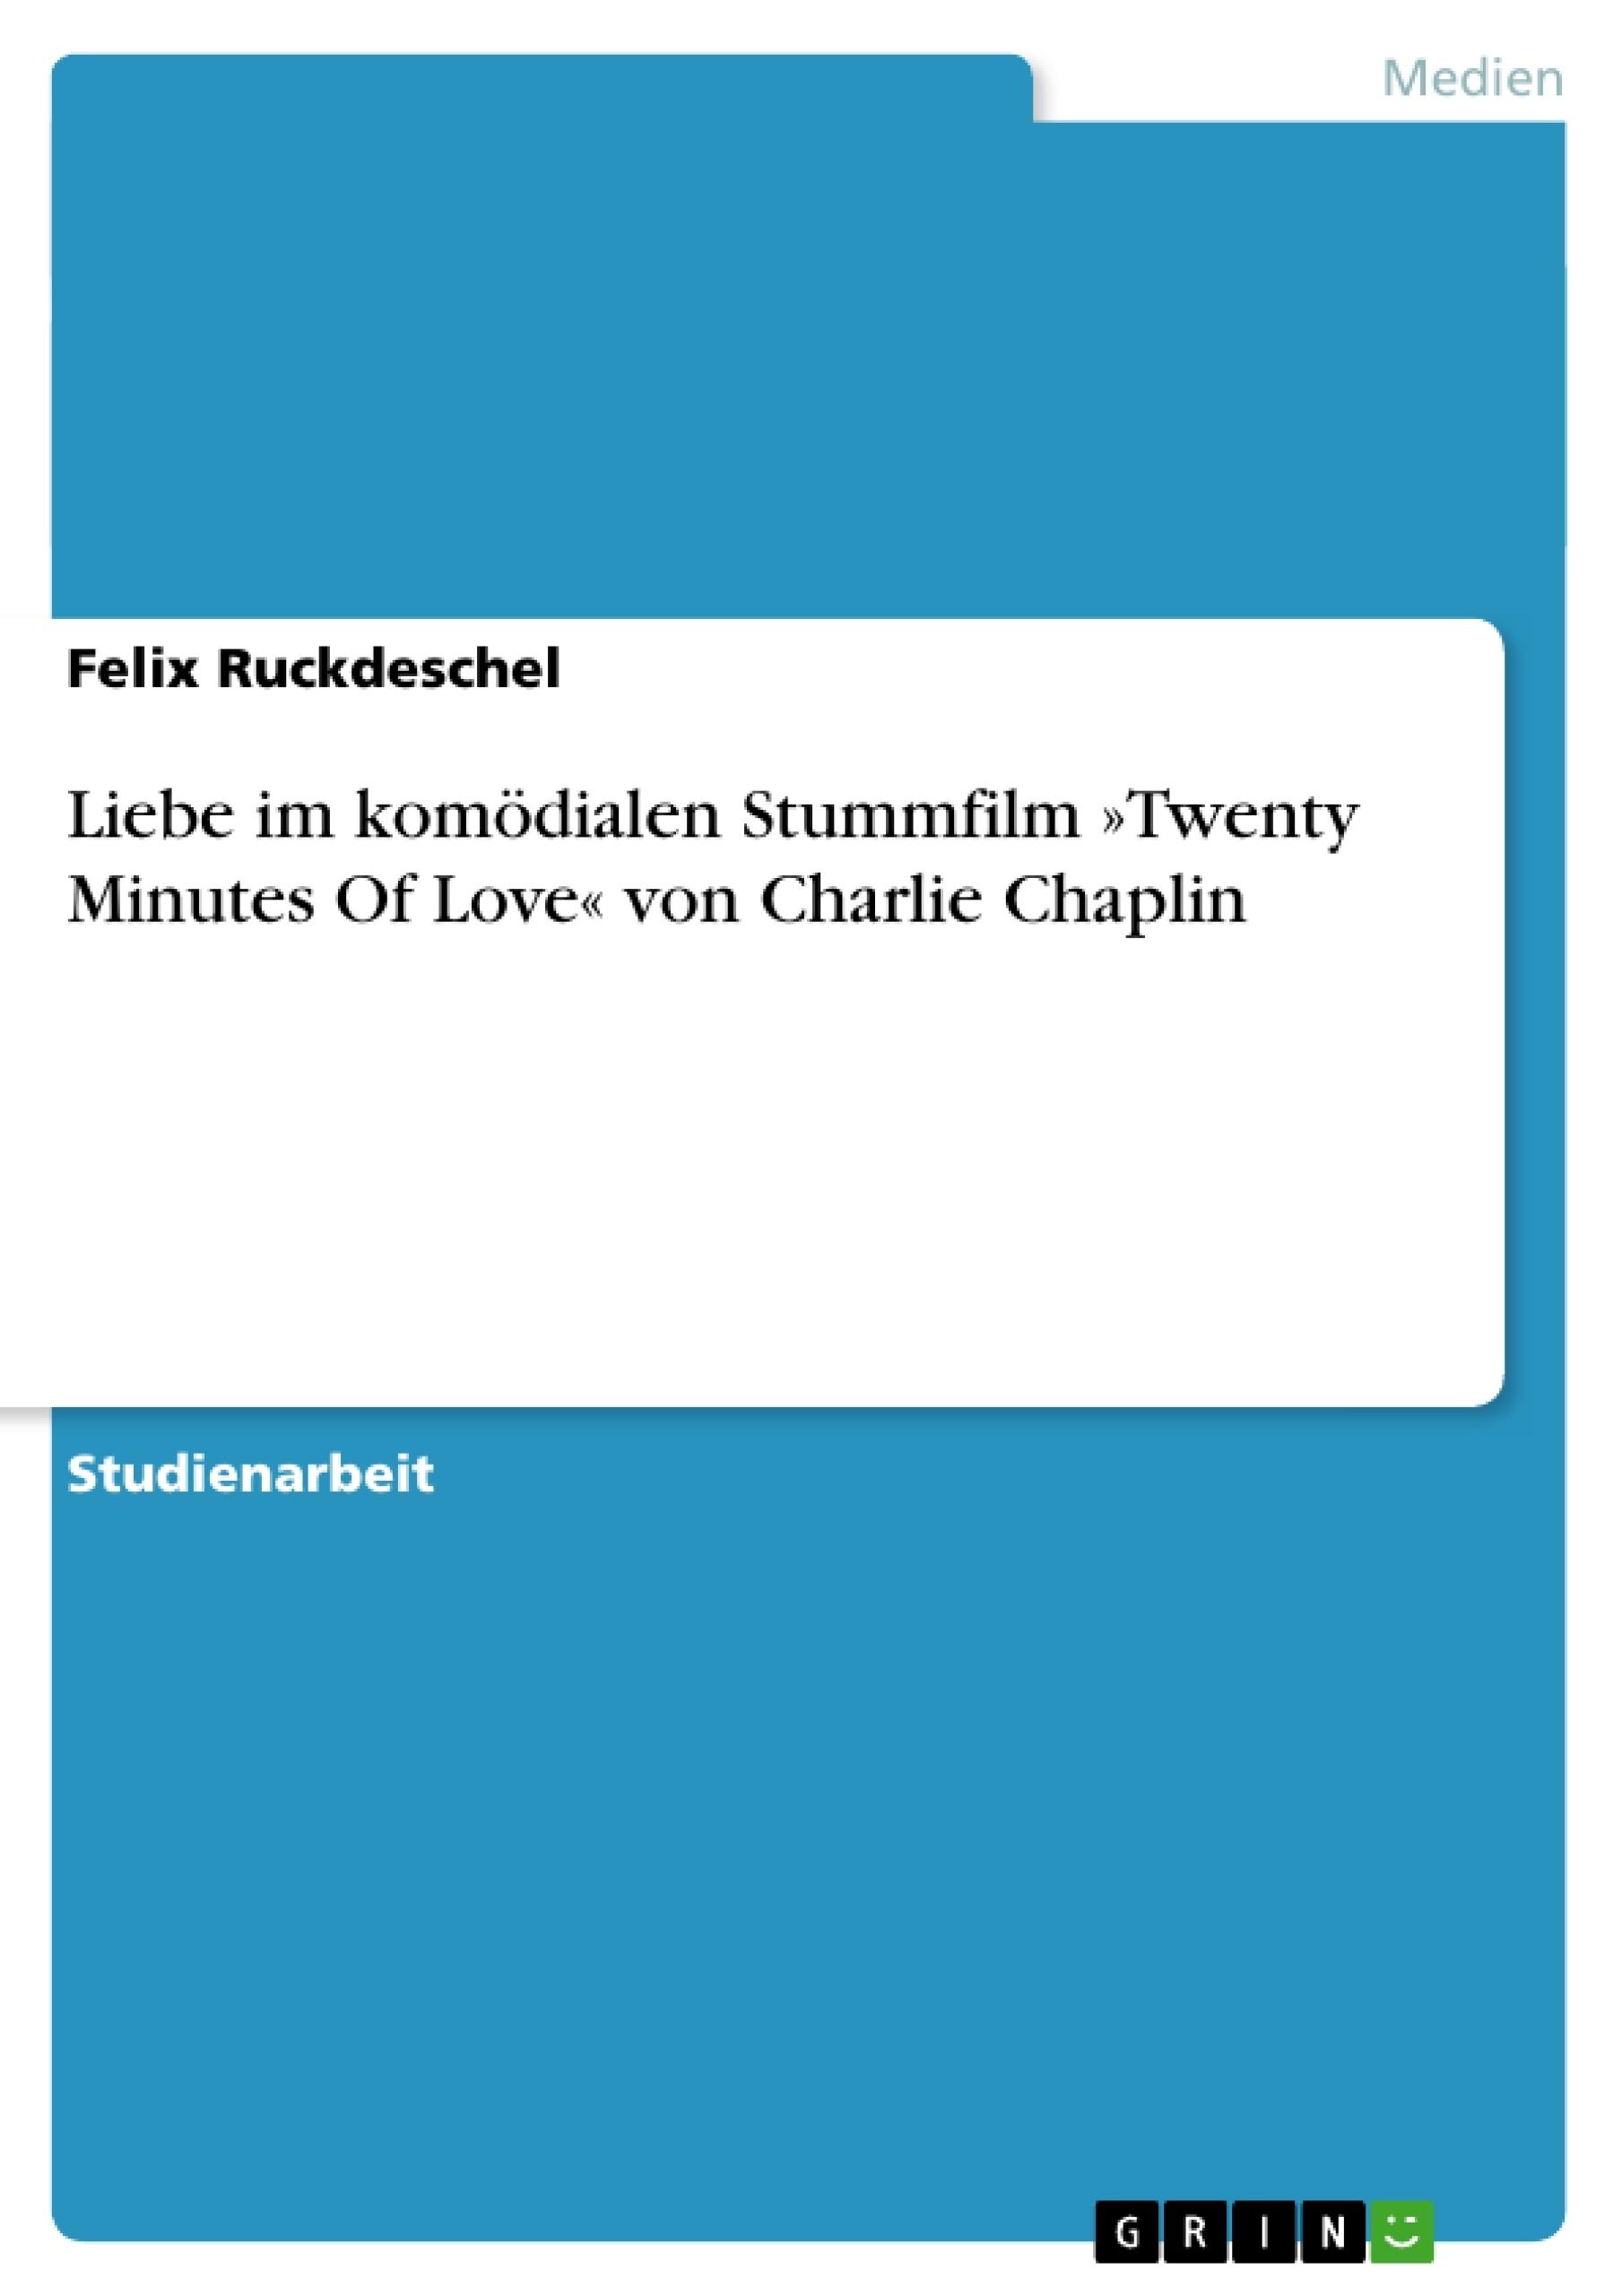 Titel: Liebe im komödialen Stummfilm »Twenty Minutes Of Love« von Charlie Chaplin